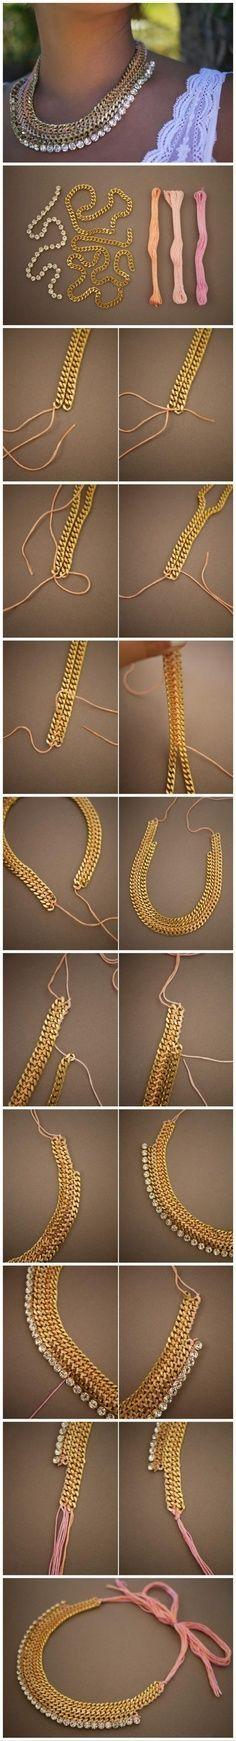 Les bijoux c'est l'accessoire incontournable que chaque femme a dans son dressing. Voici sept tutoriels pour réaliser vos propres accessoires modes ! Bracelet rouge et doré Vous aurez besoin de morceaux...